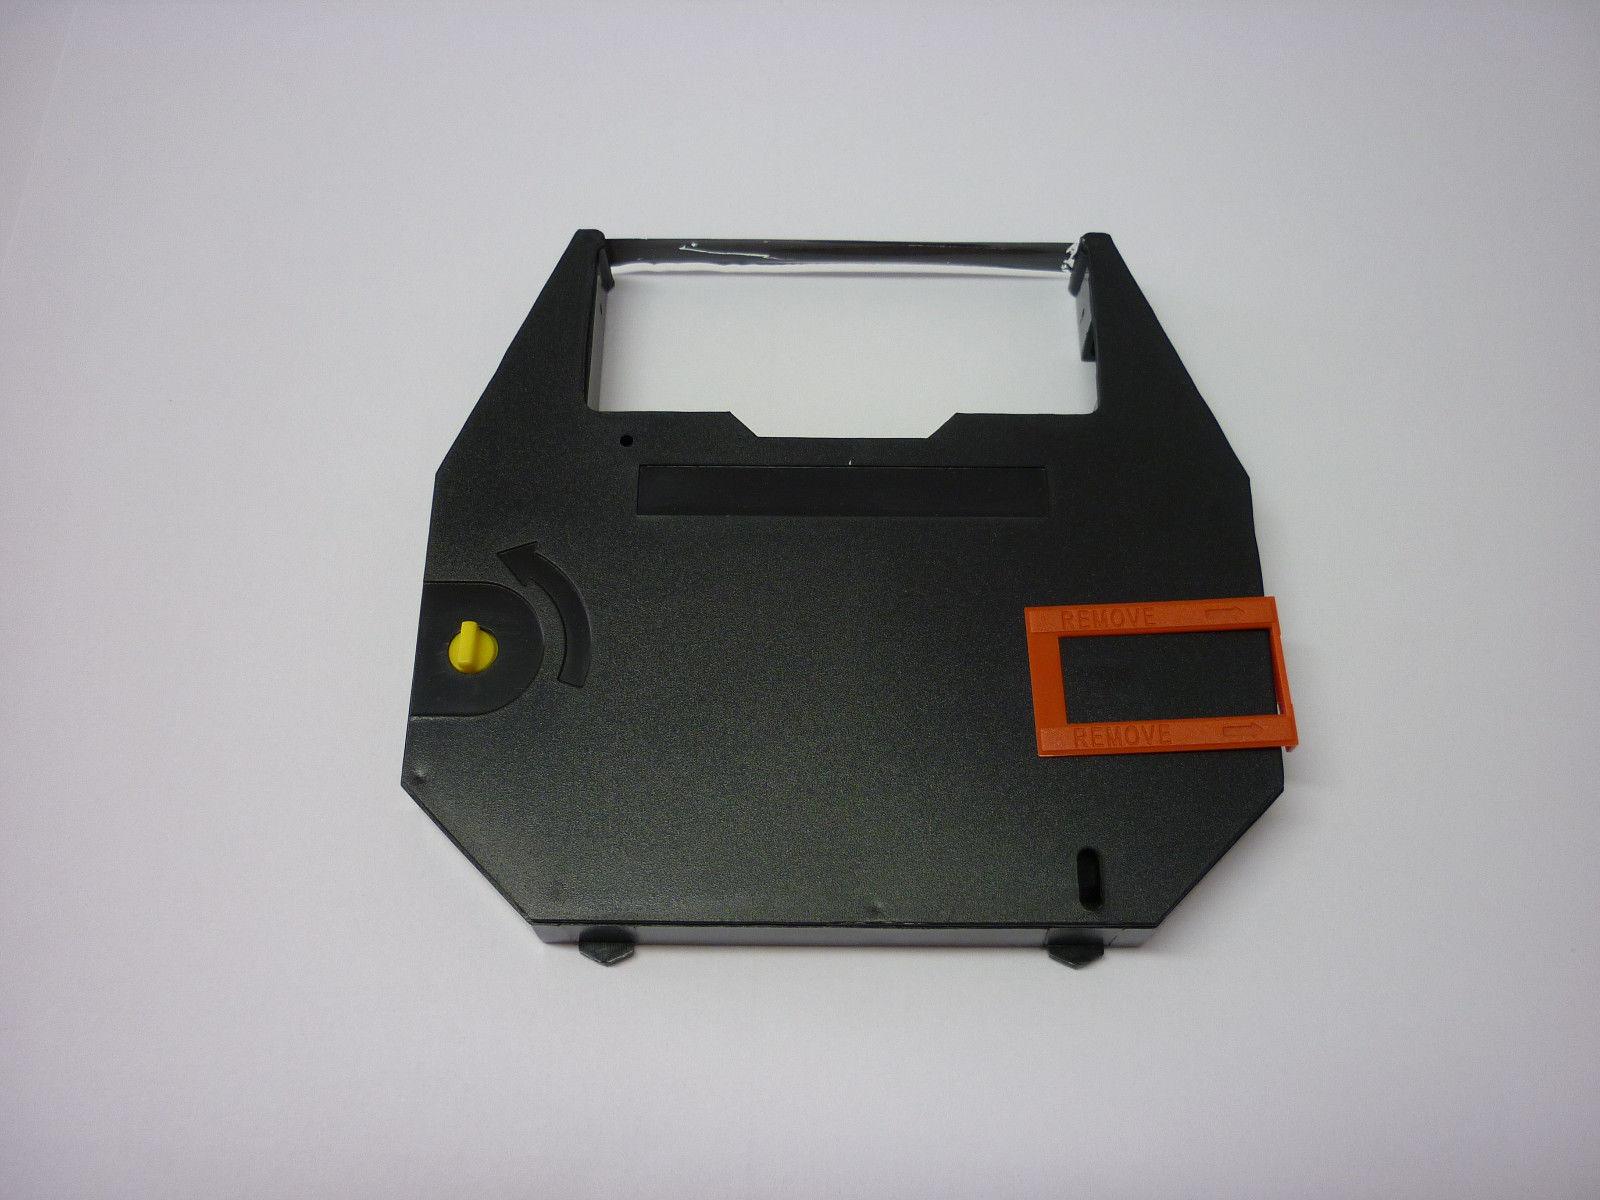 S l1600